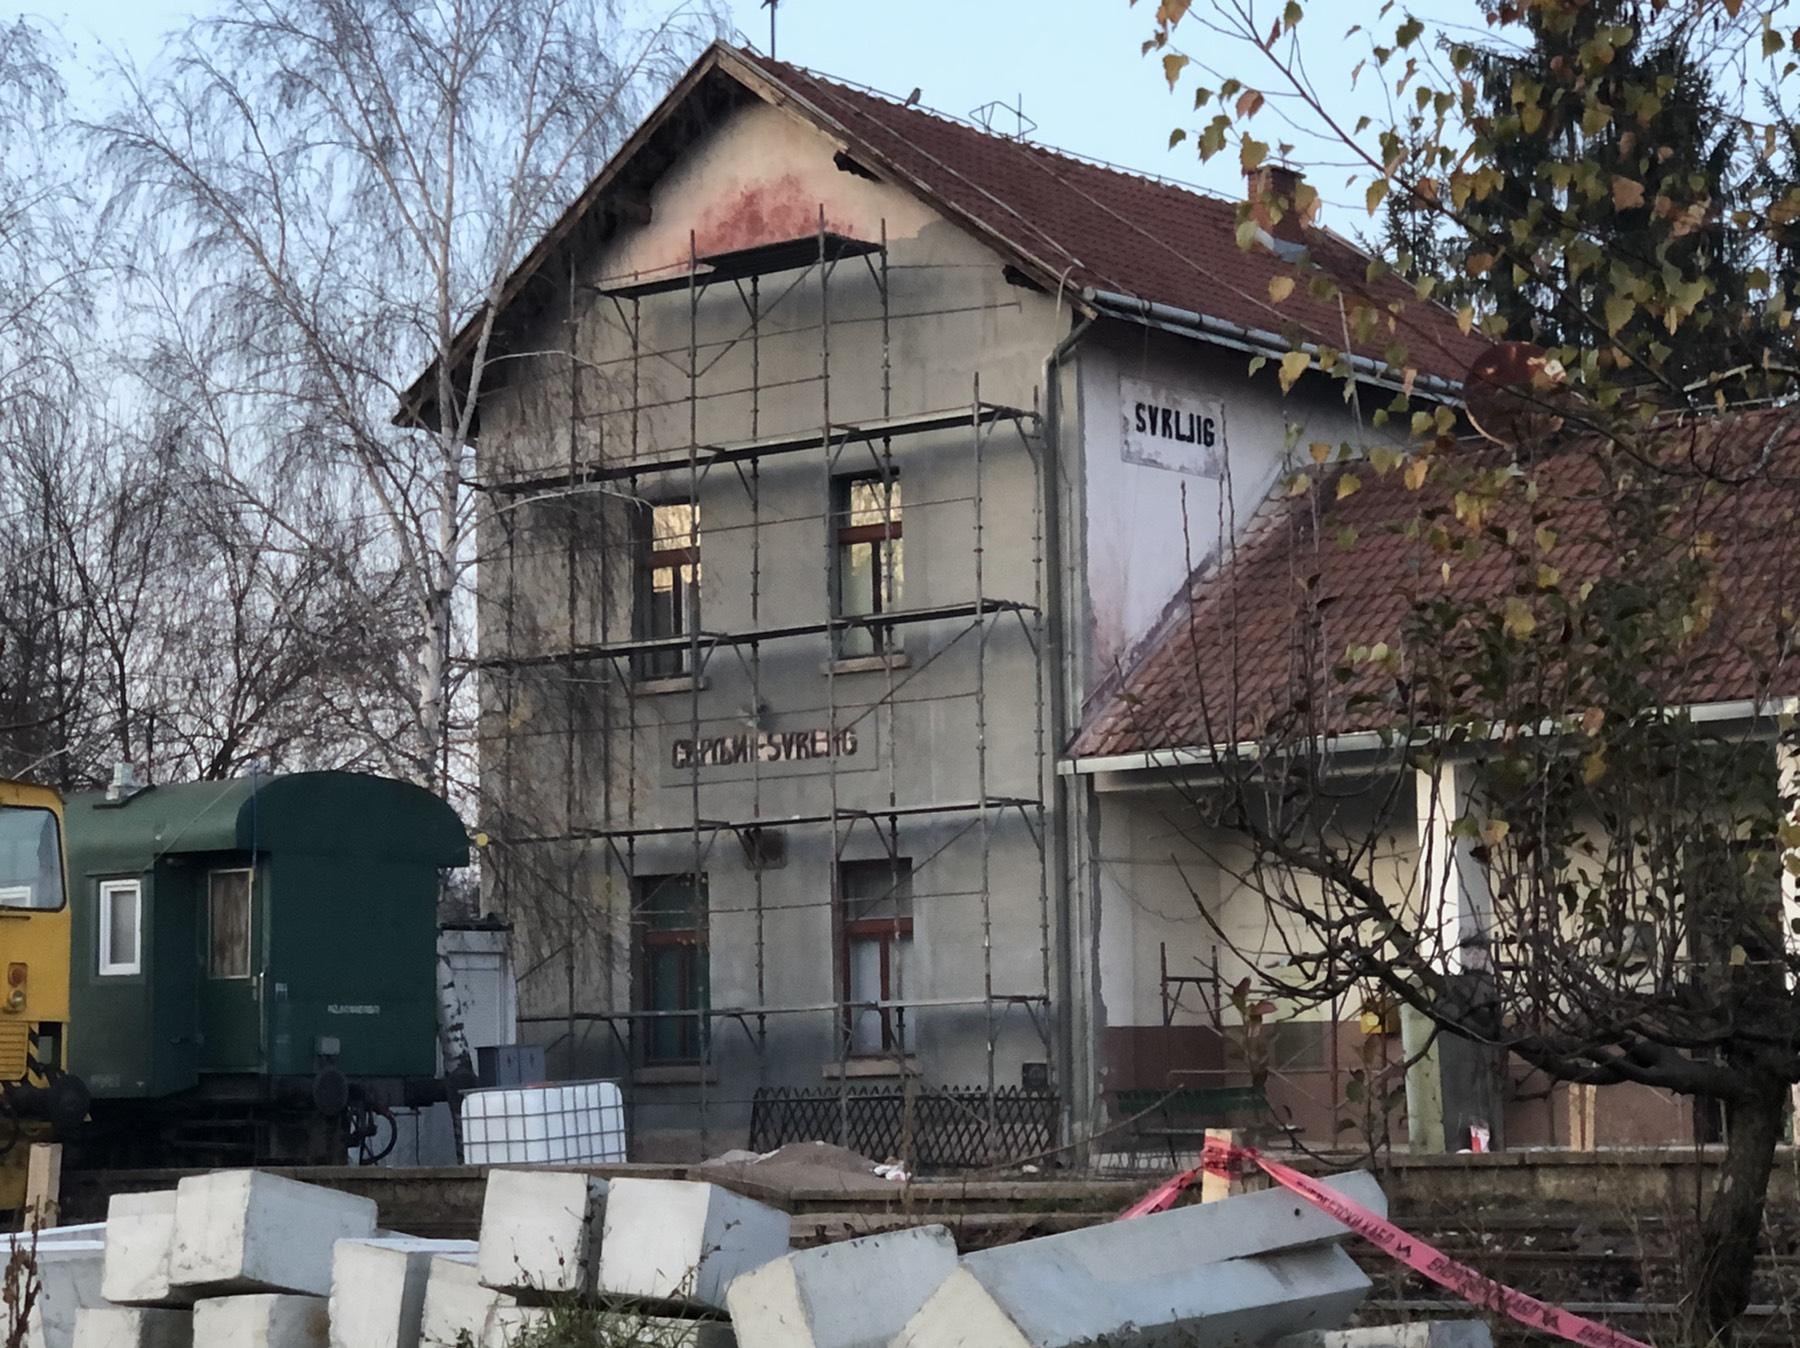 FOTO INFO: Rekonstrukcija železničke stanice u Svrljigu